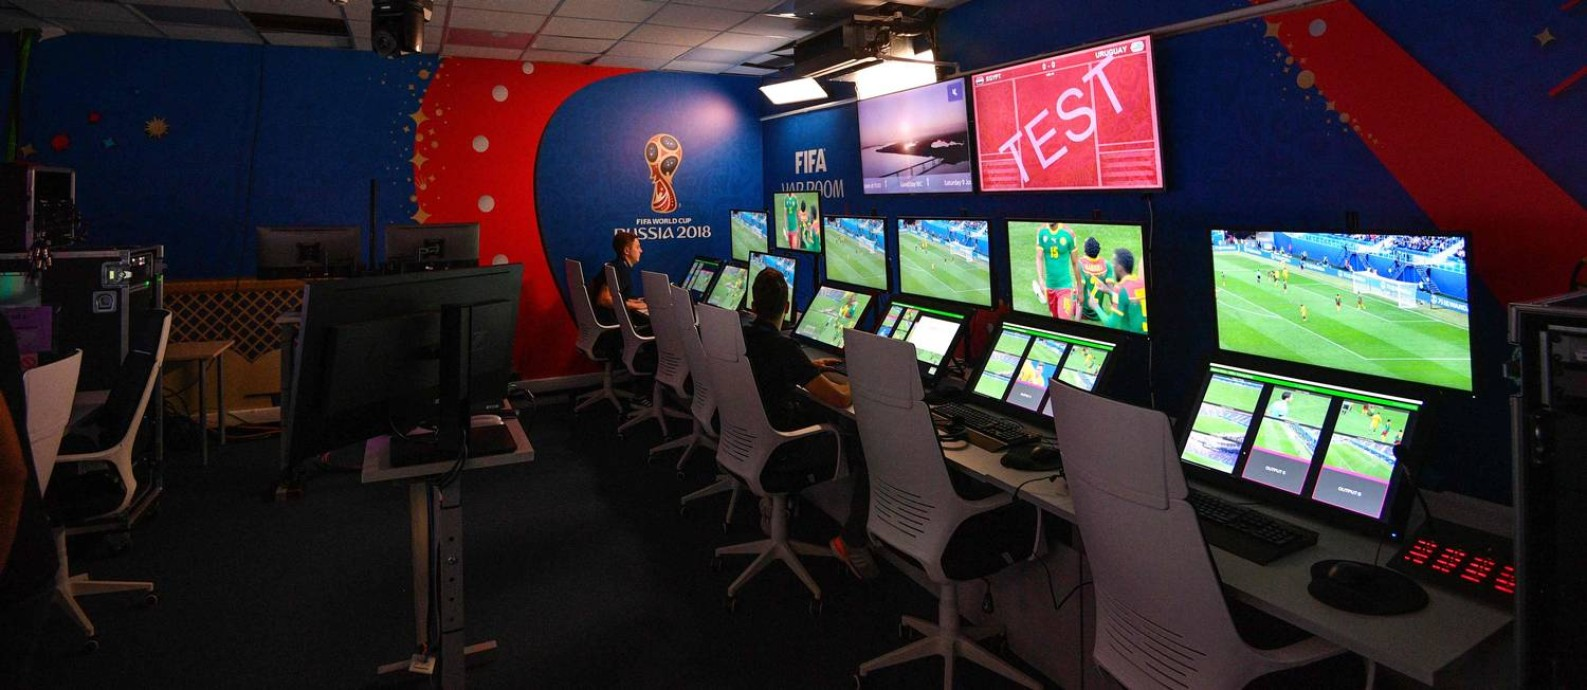 Sala do árbitro de vídeo: CBF trata o assunto como encerrado nos bastidor político do Mundial, após ter pedido de revisão negado. Foto: MLADEN ANTONOV / AFP